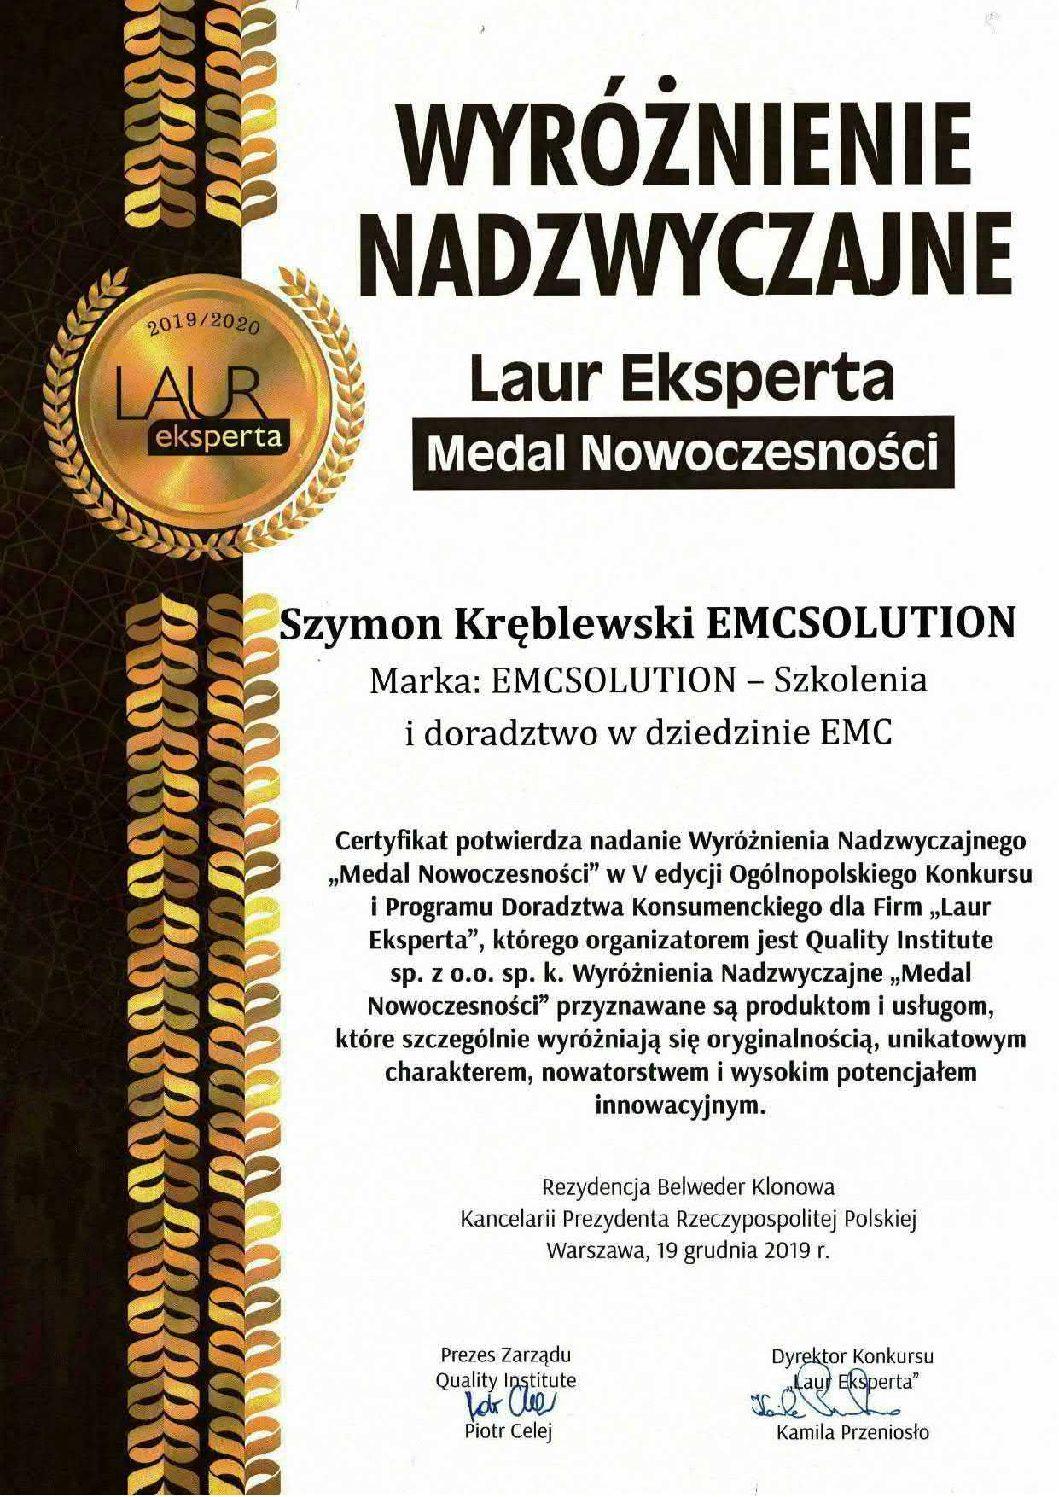 Medal Nowoczesności dla EMCSOLUTION